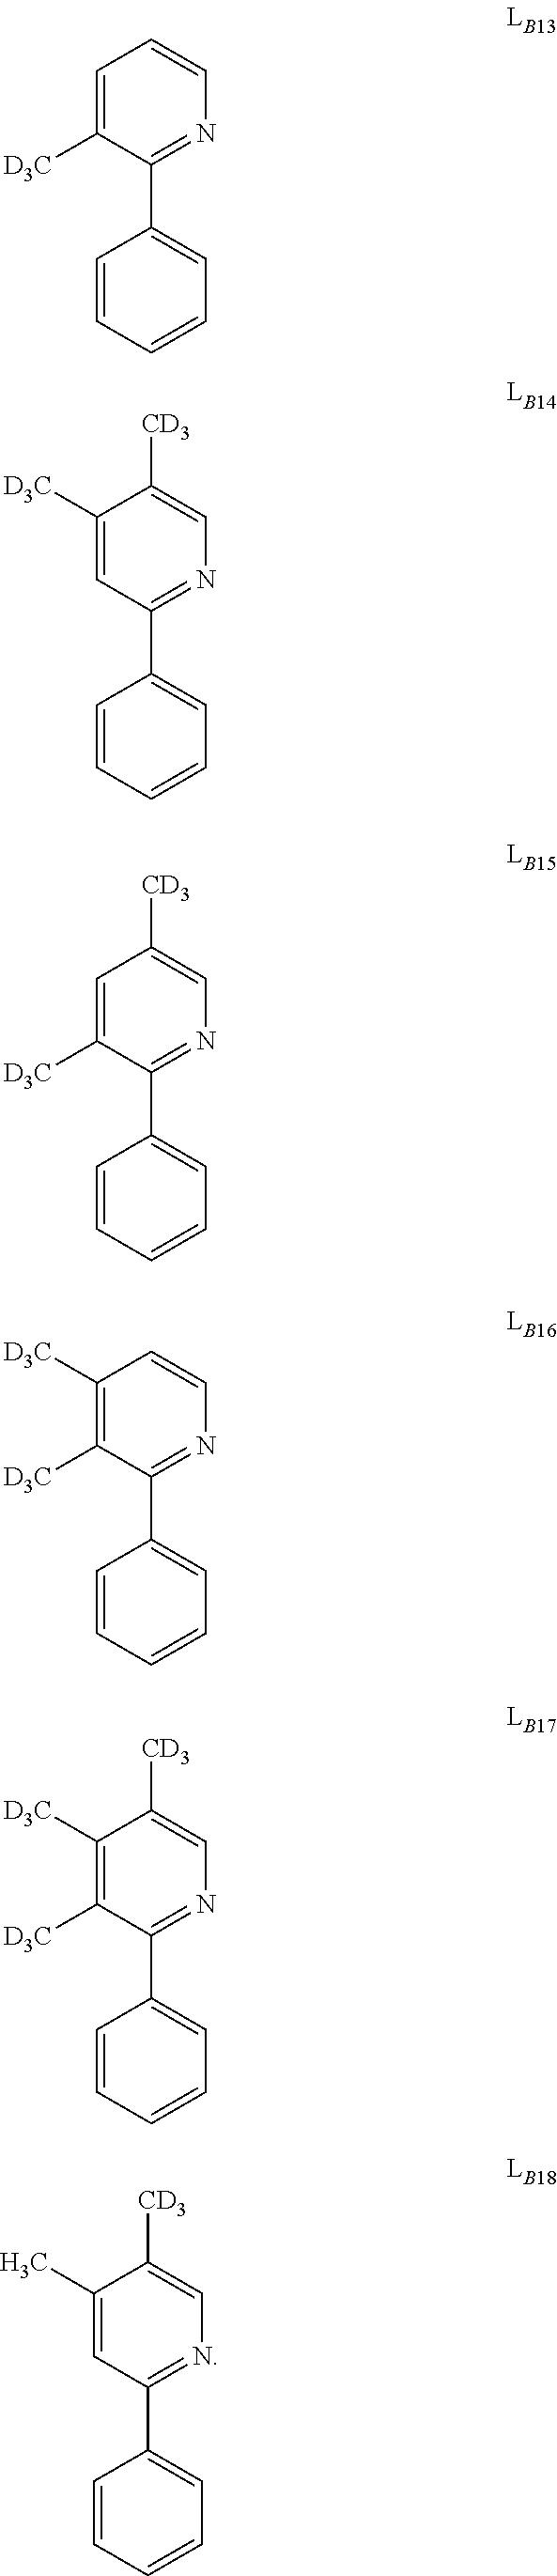 Figure US09634264-20170425-C00030